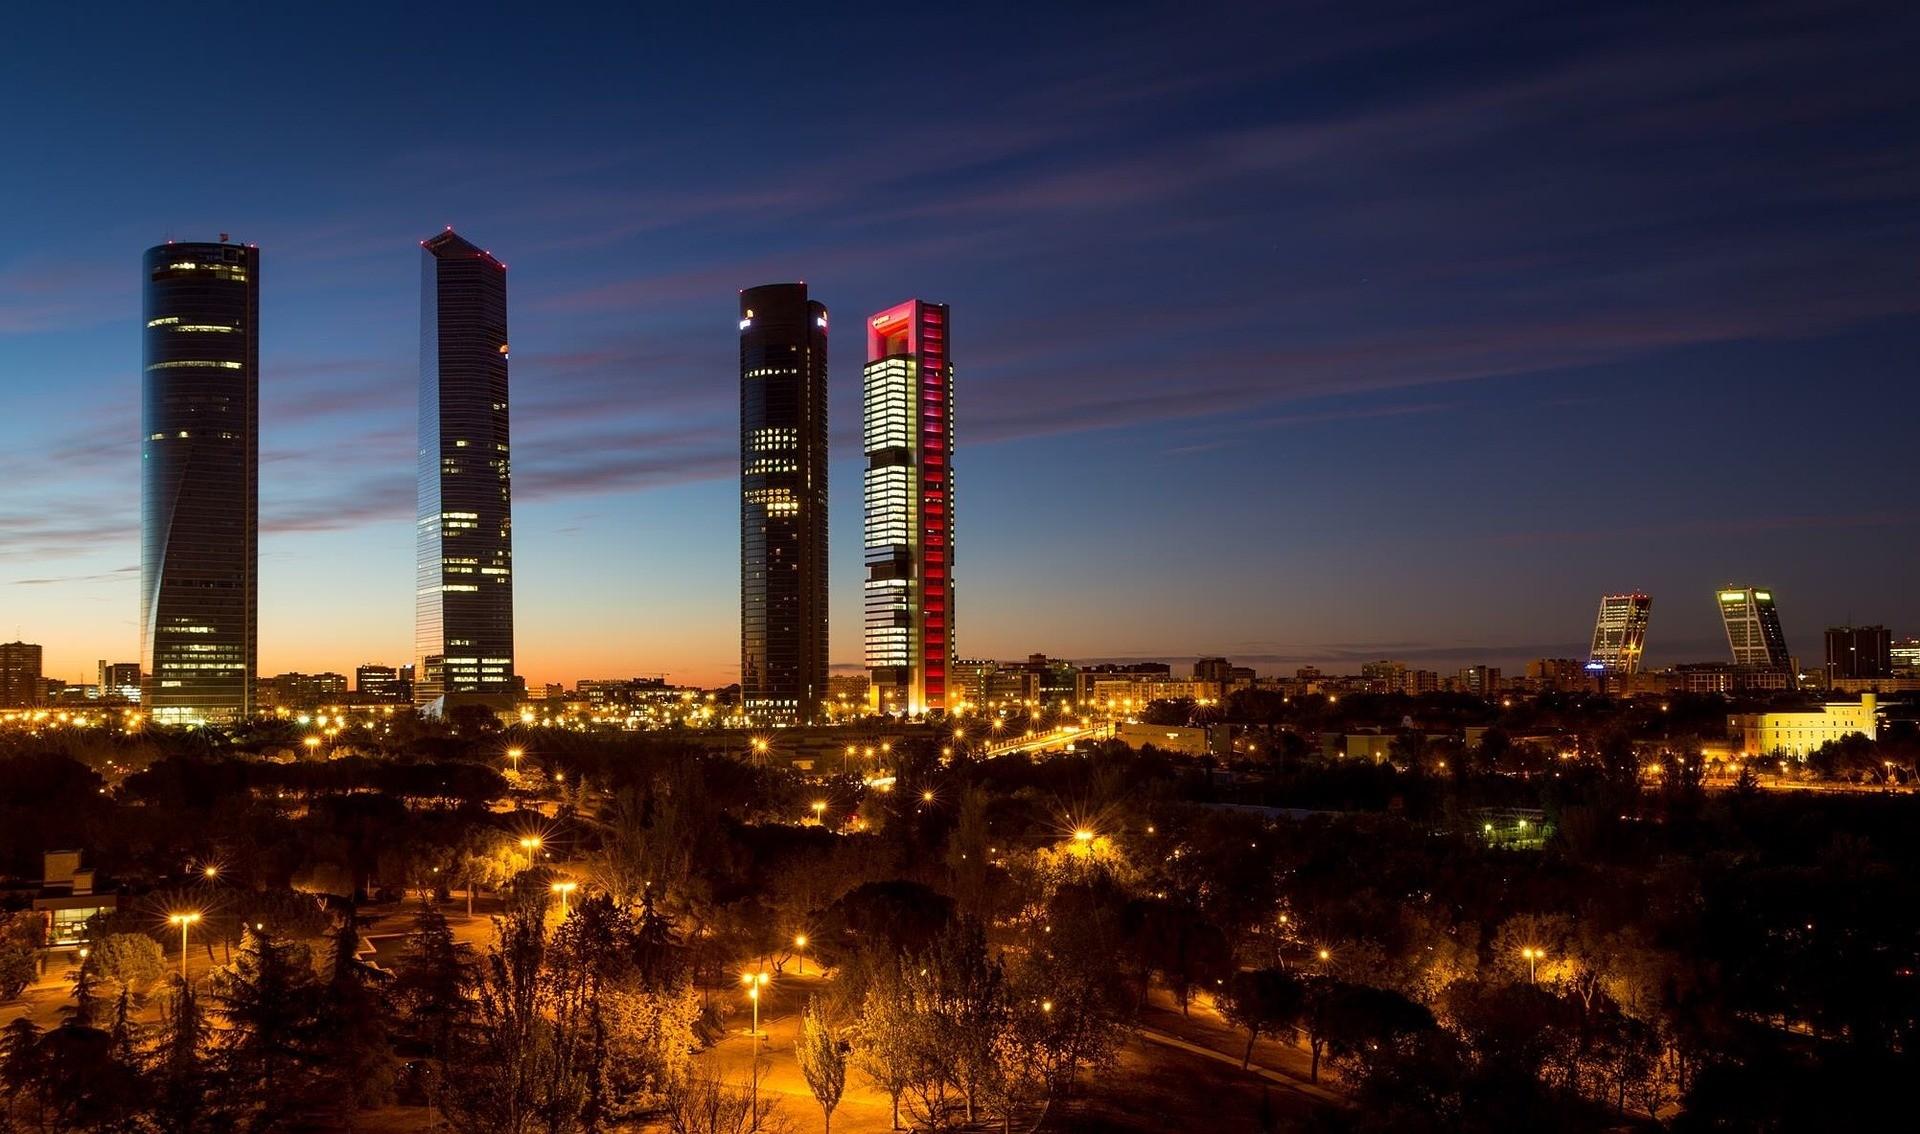 Fuencarral El Pardo, el distrito que más va a crecer